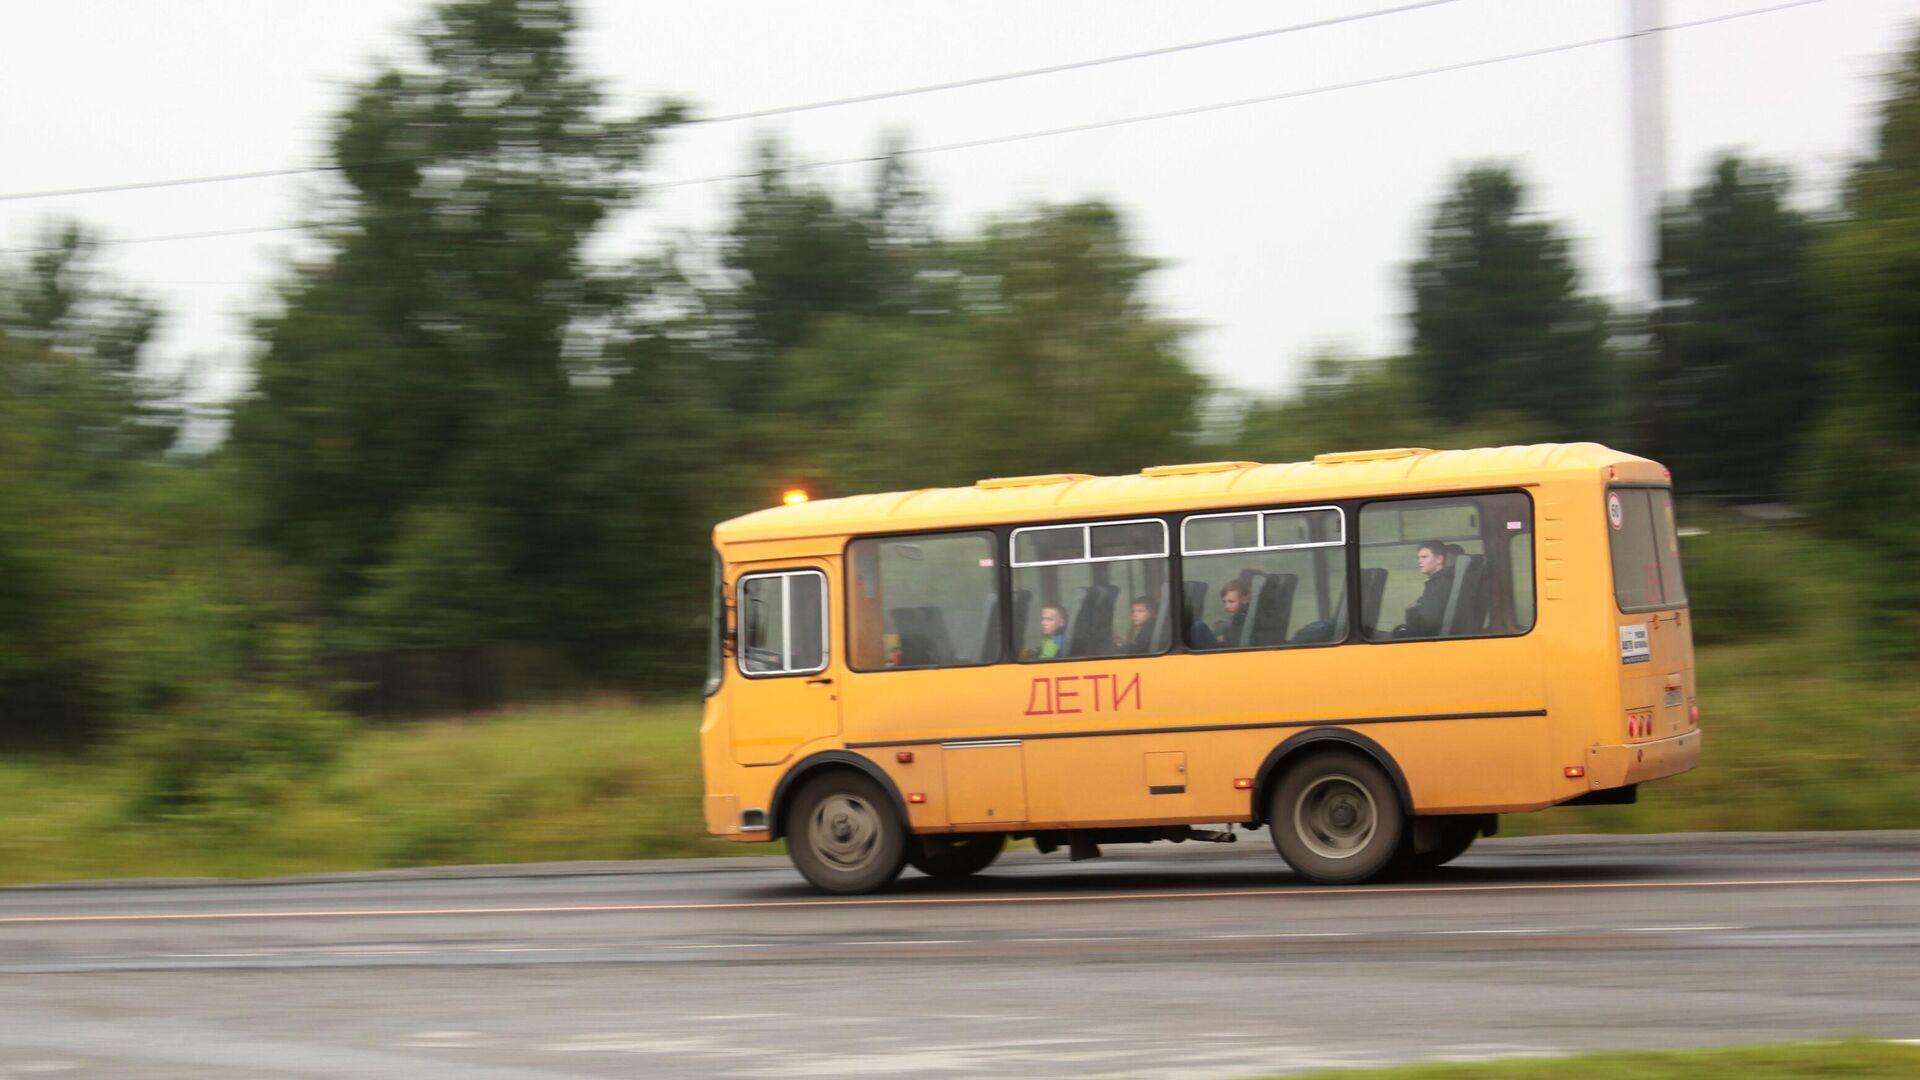 Автобус с детьми - РИА Новости, 1920, 12.06.2021